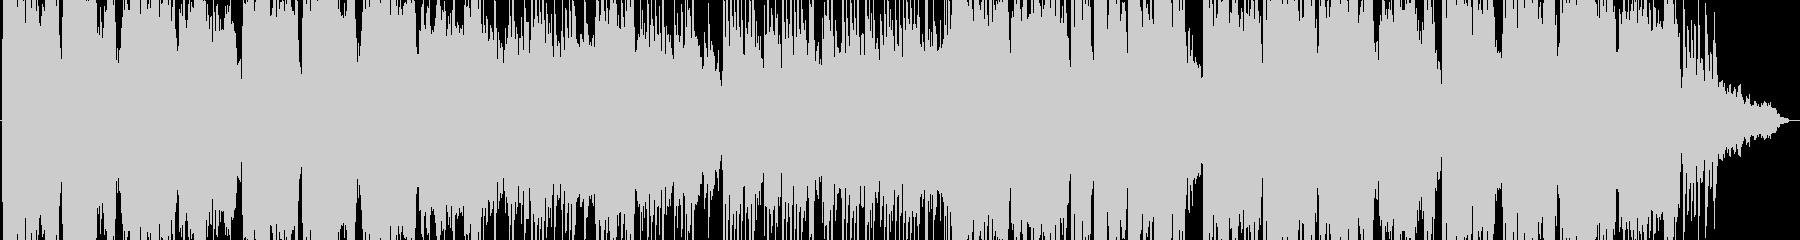 暖かい感じの笛のヒーリング音楽の未再生の波形